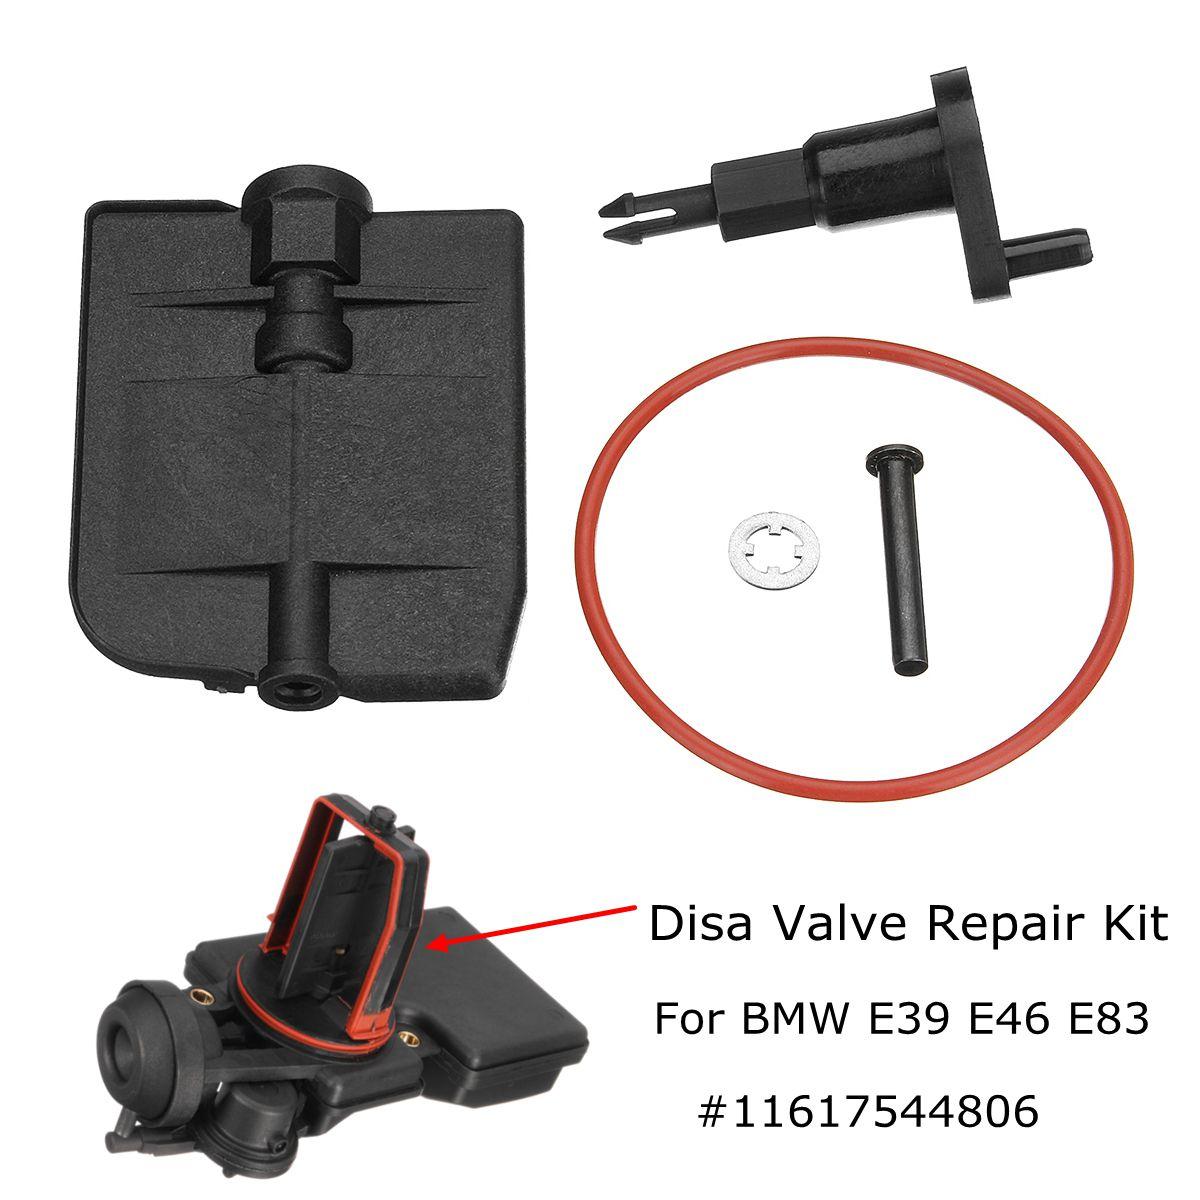 흡기 매니 폴드 DISA 밸브 수리 키트 11617544806 BMW E39 E46 E83 325i 525i M54 2.5 2001-2006